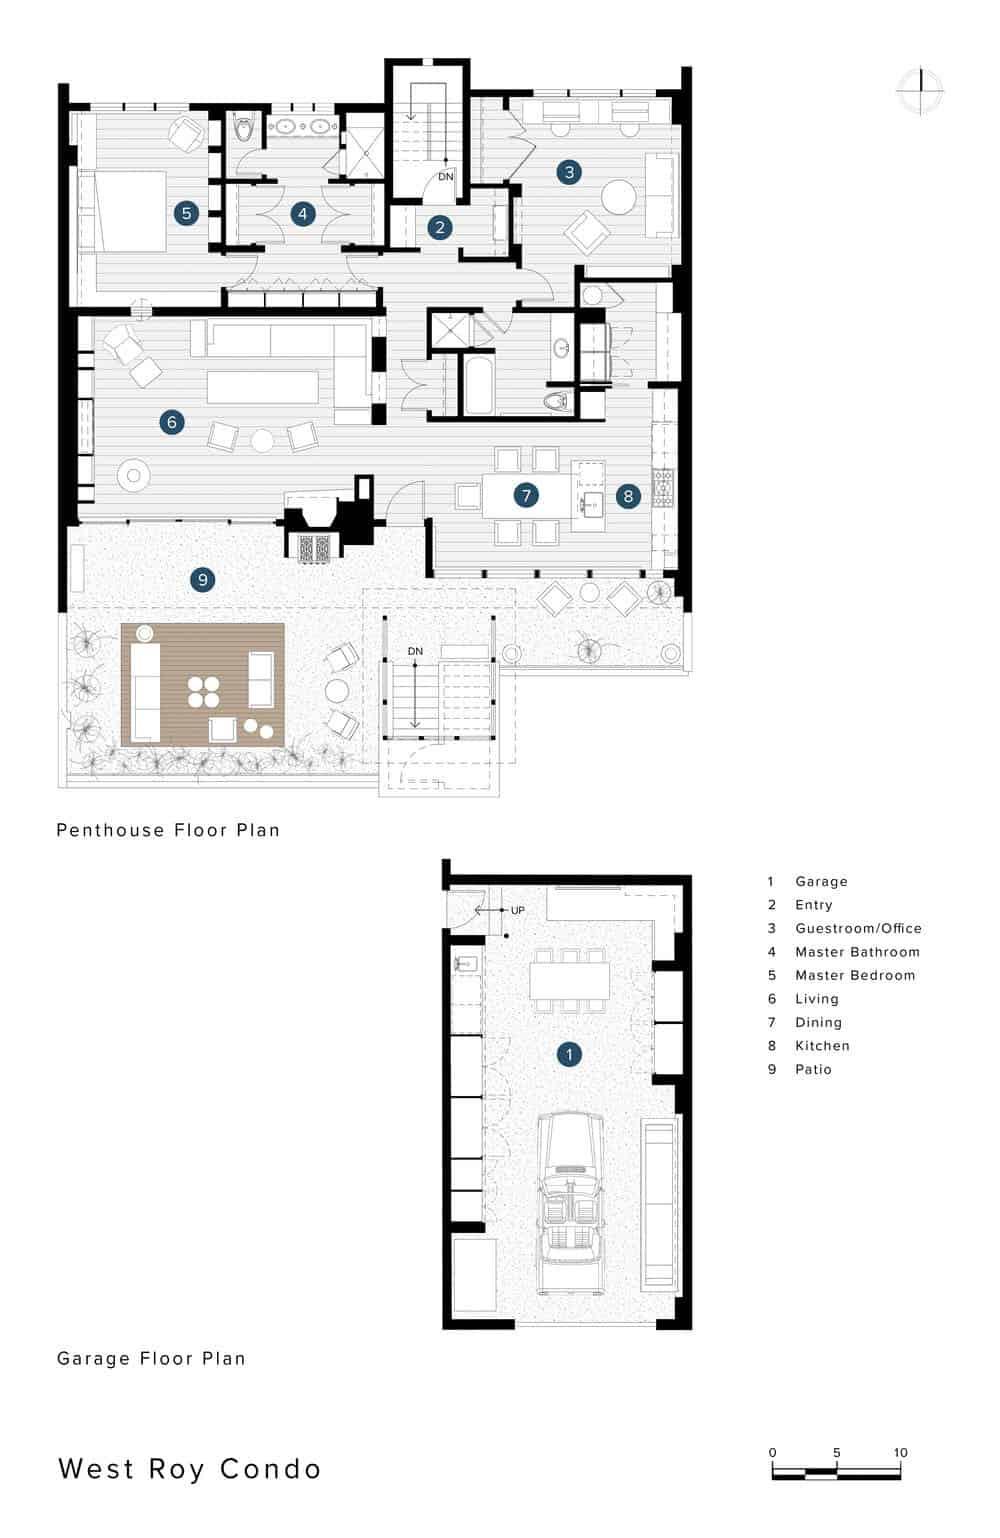 condo-midcentury-floor-plan